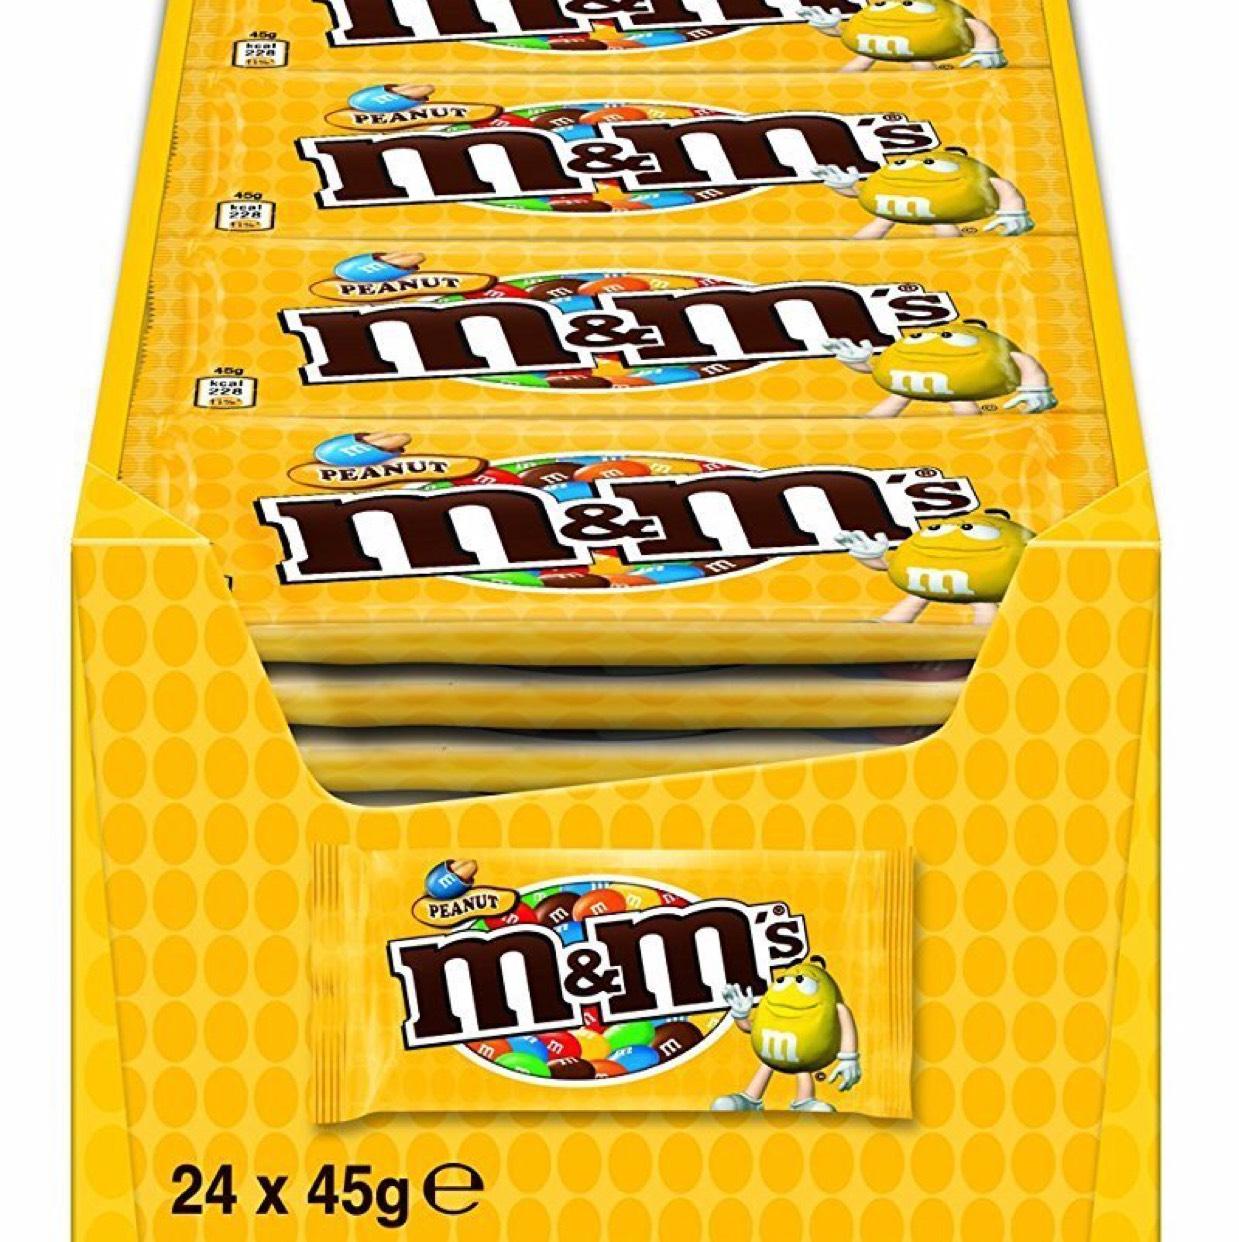 [Amazon.de] M&M'S Erdnuss / Schokolinsen mit knackigem Erdnusskern und bunter Zuckerhülle / Single Beutel für unterwegs / 24 x 45g mini Beutel